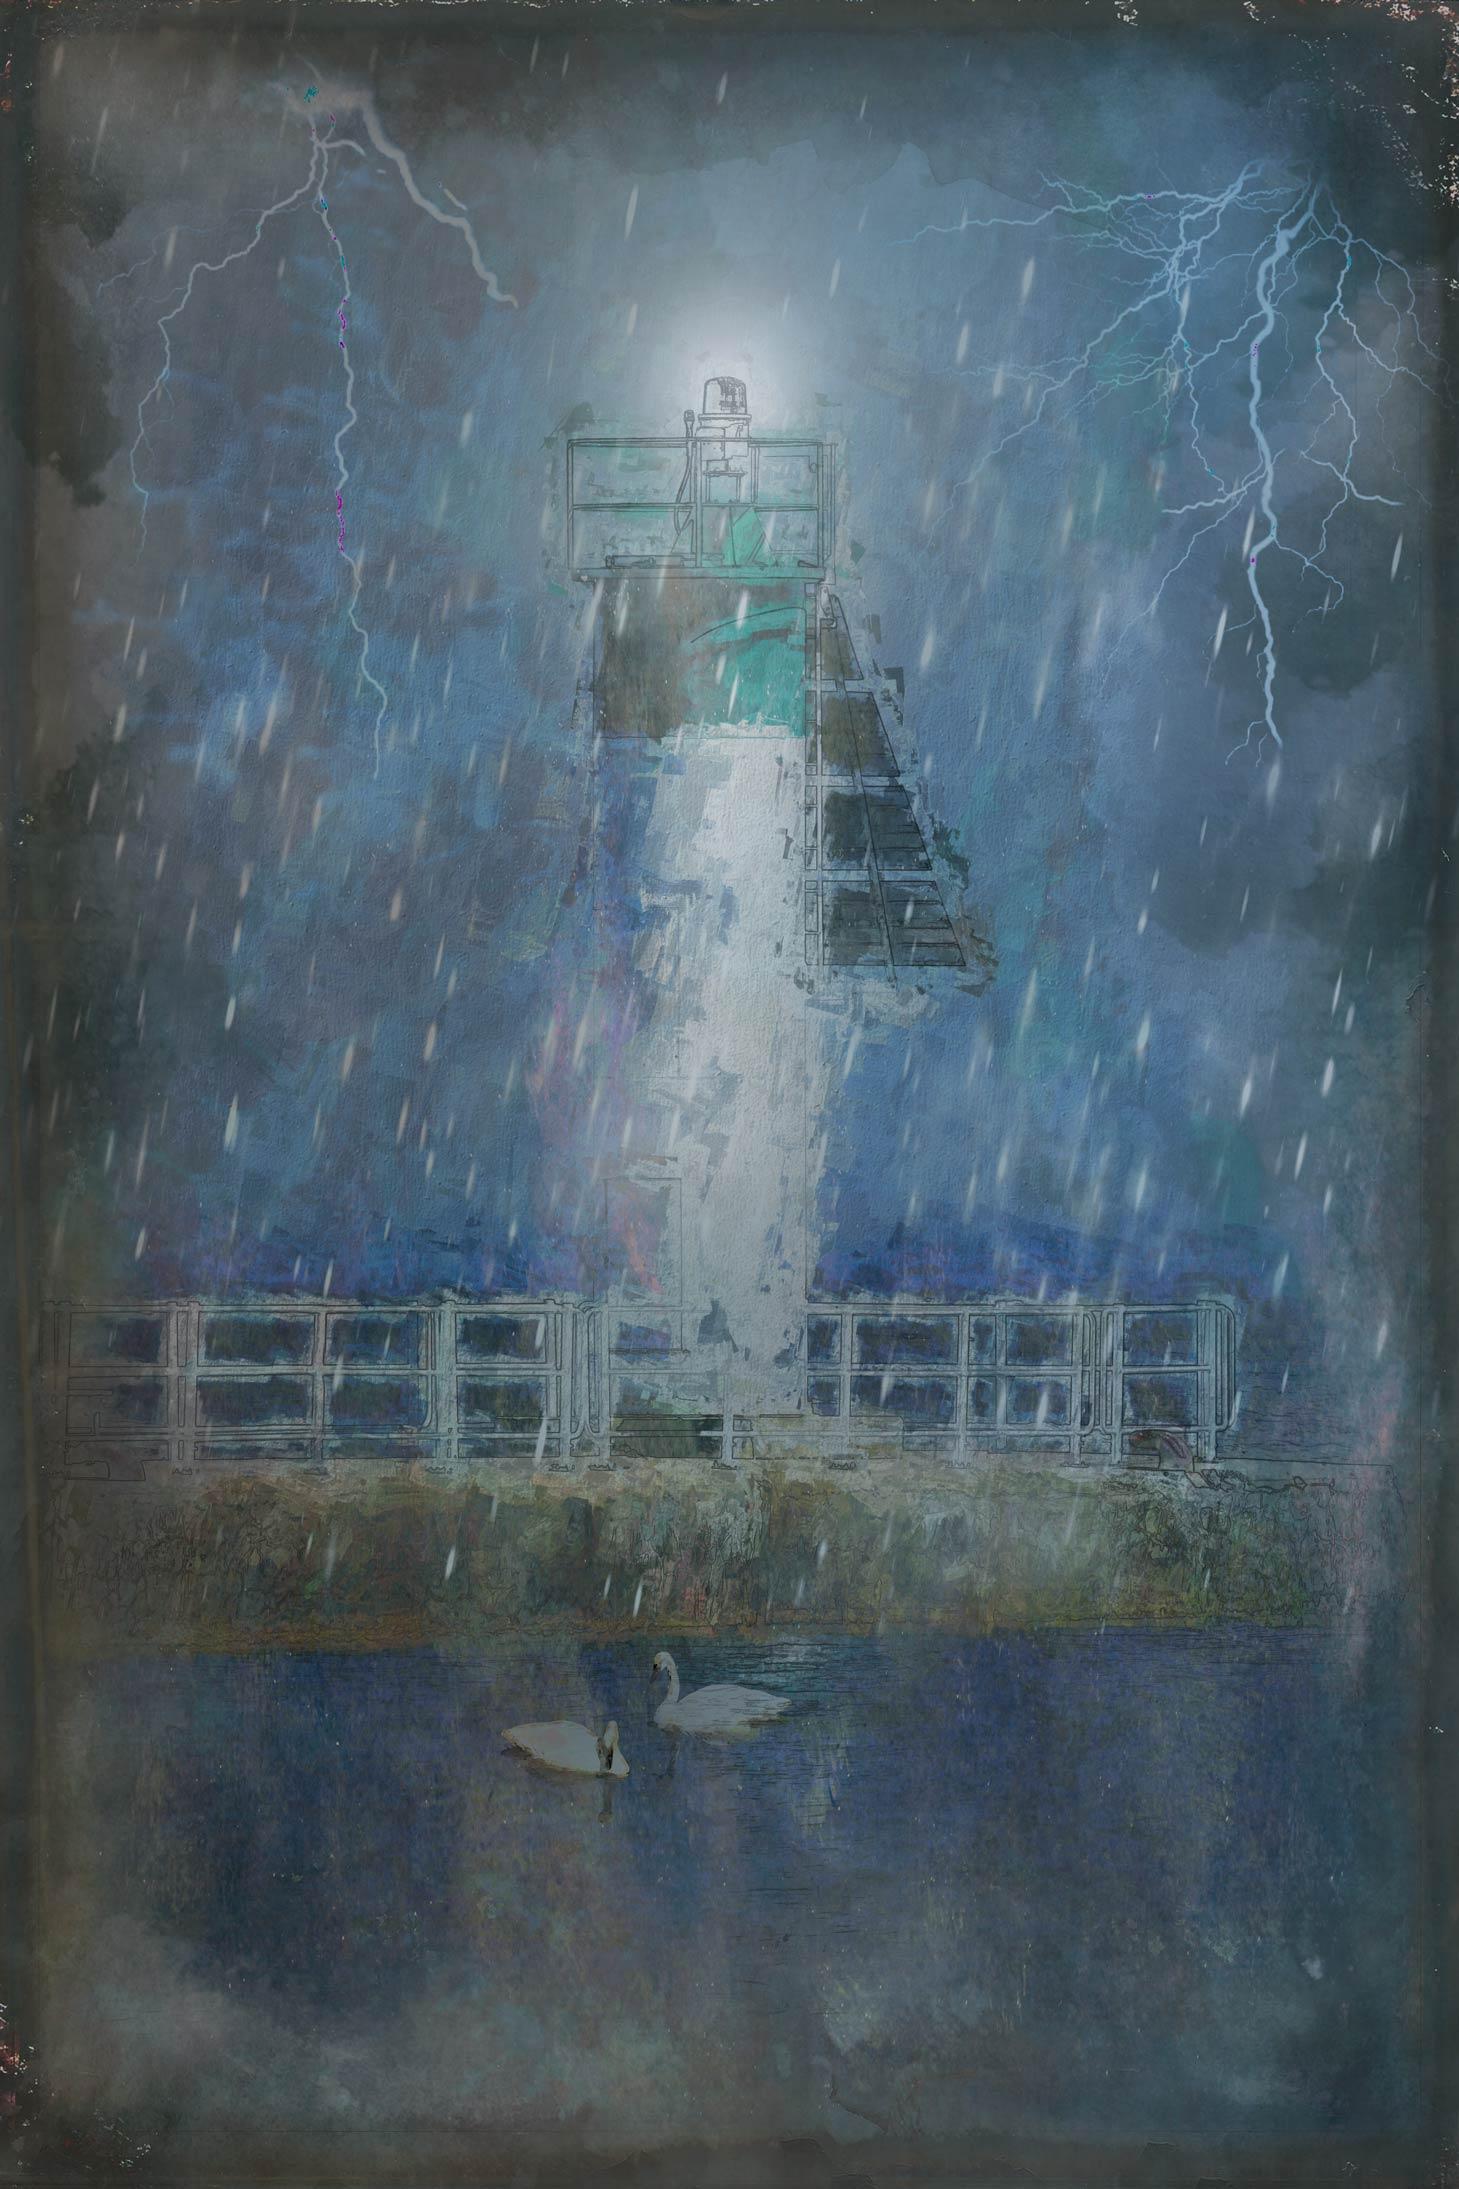 Rain on the Pier